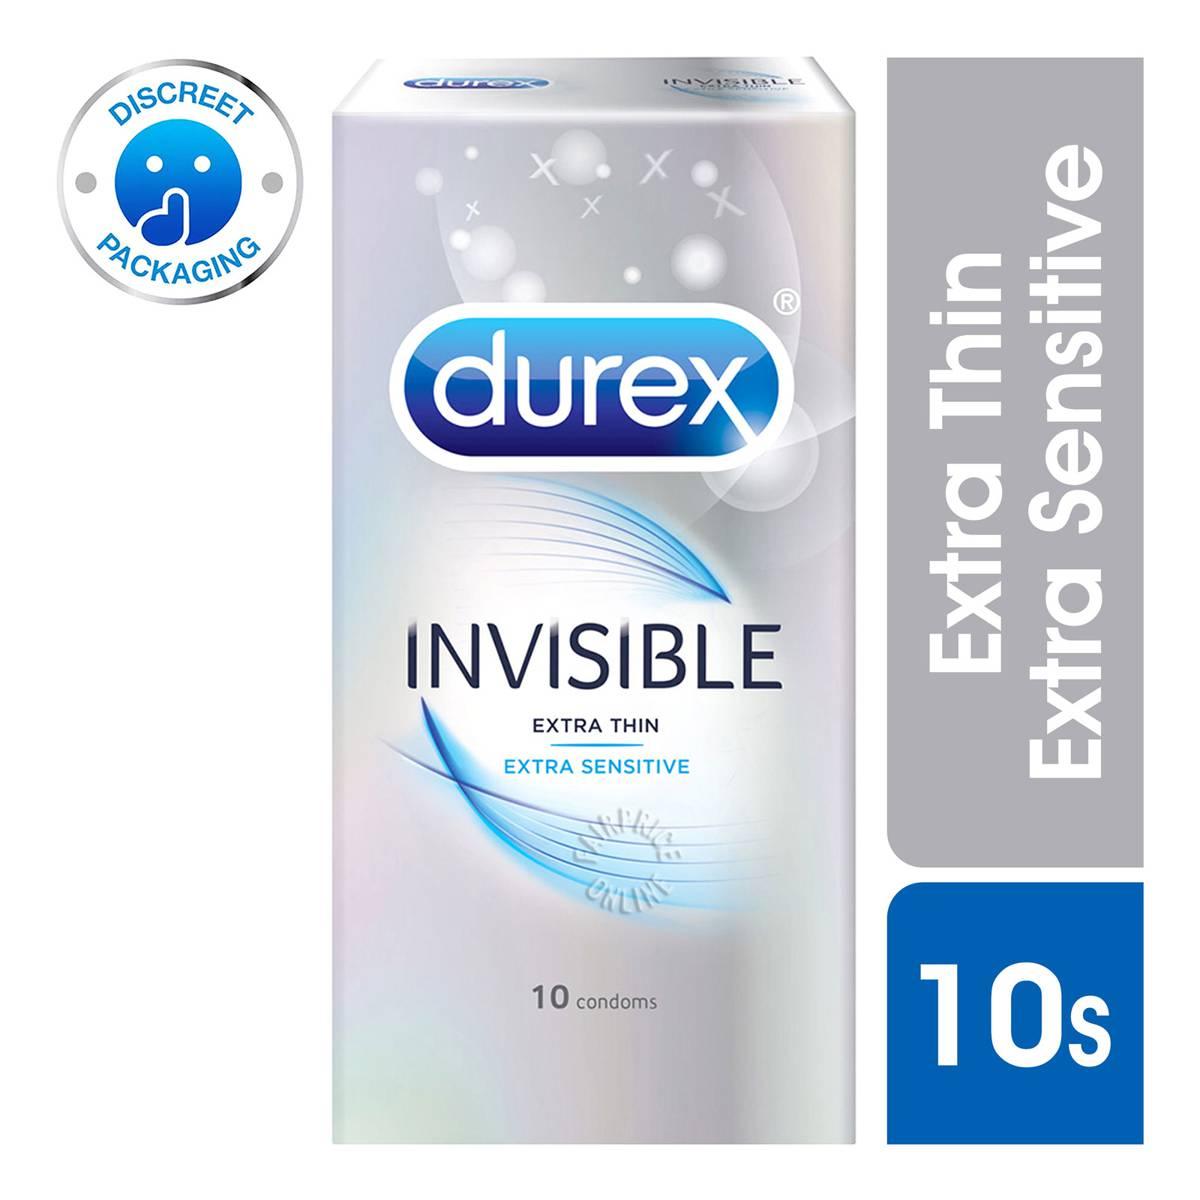 52mm durex Condom Size